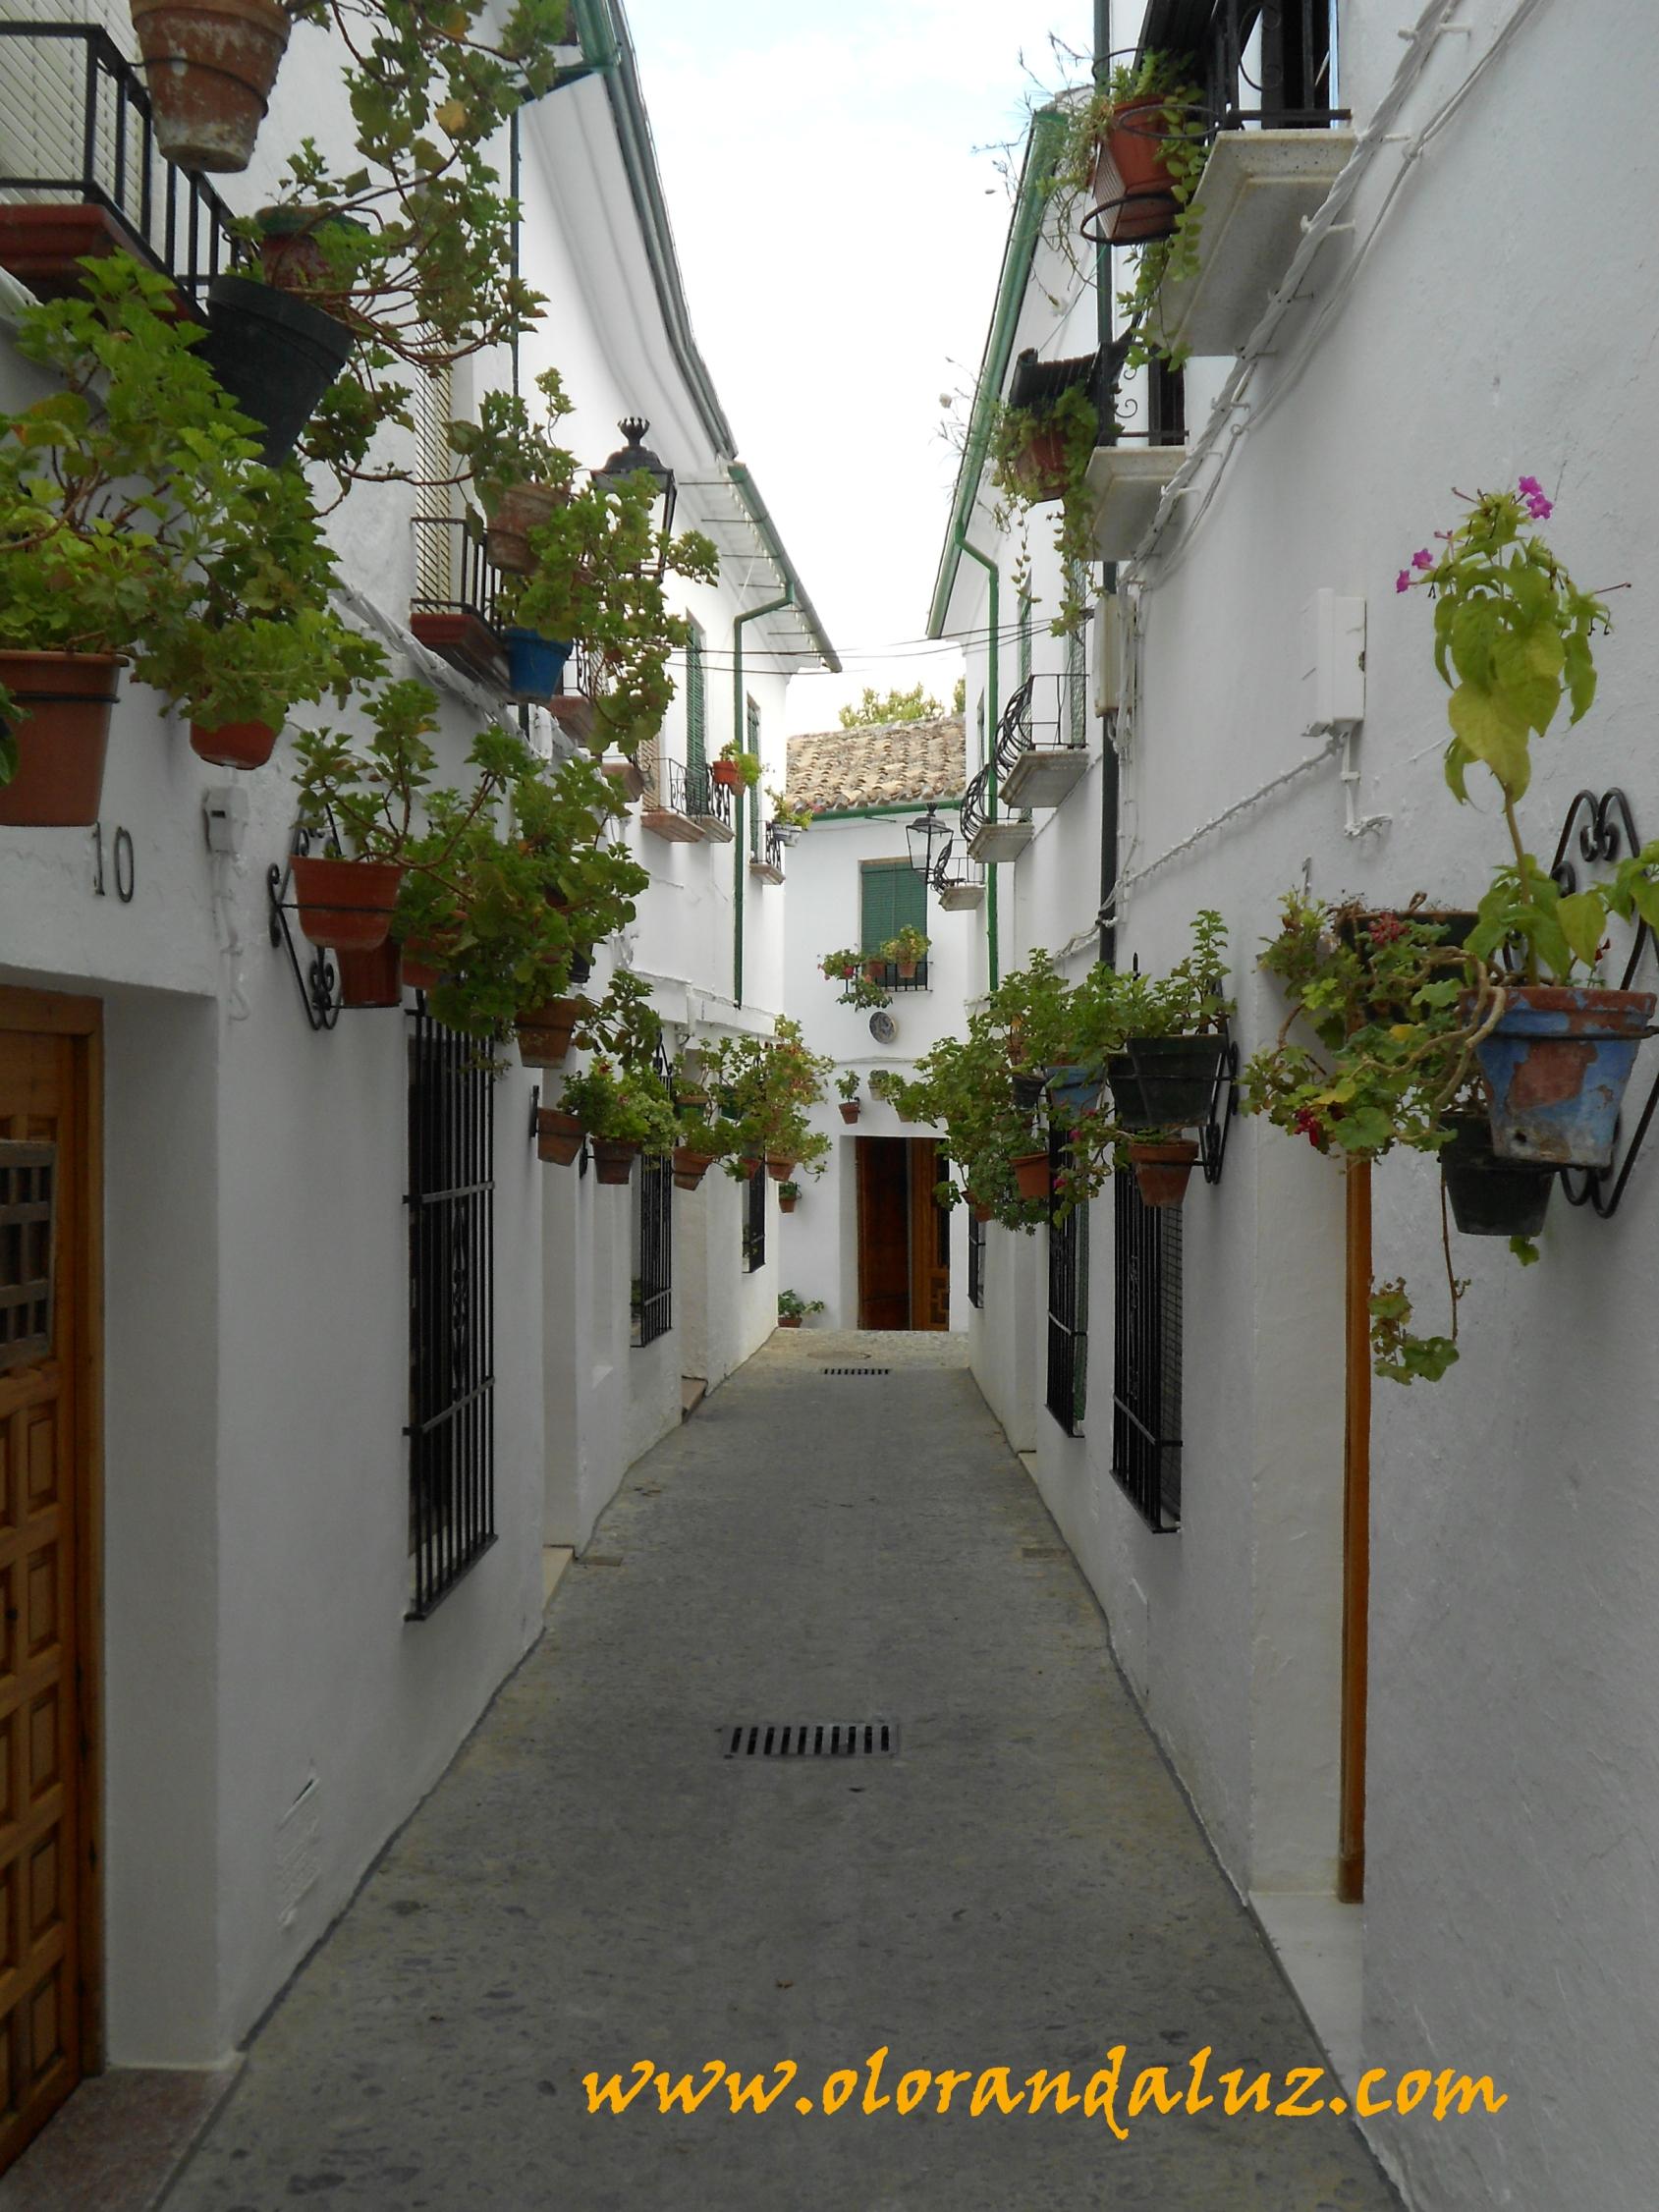 El barrio de la villa un remanso de paz olor andaluz for Casas estrechas